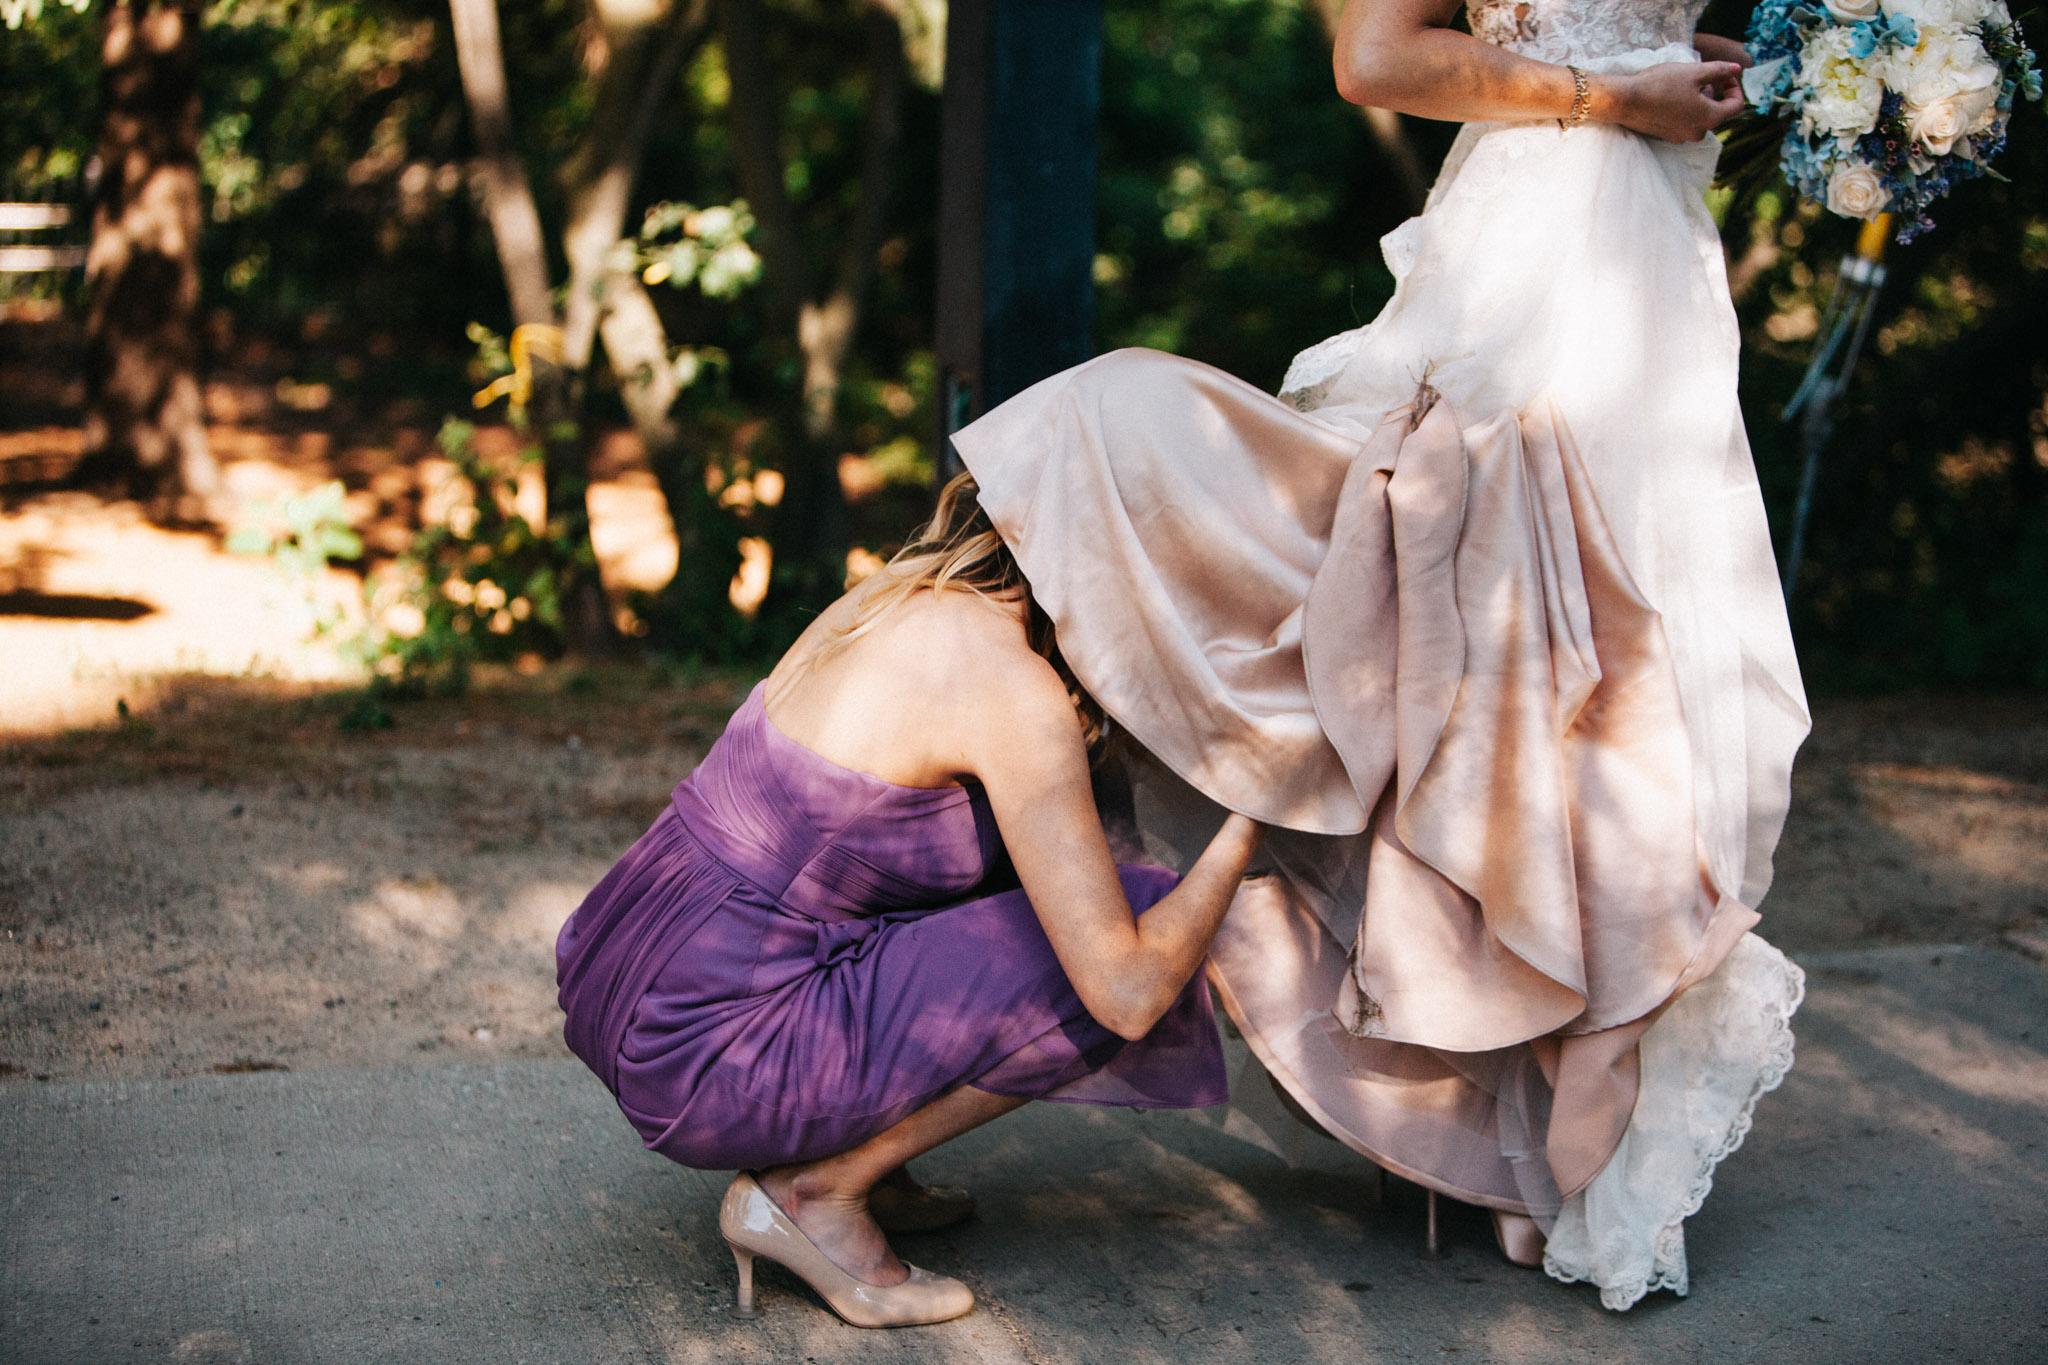 bridesmaid bustling bride